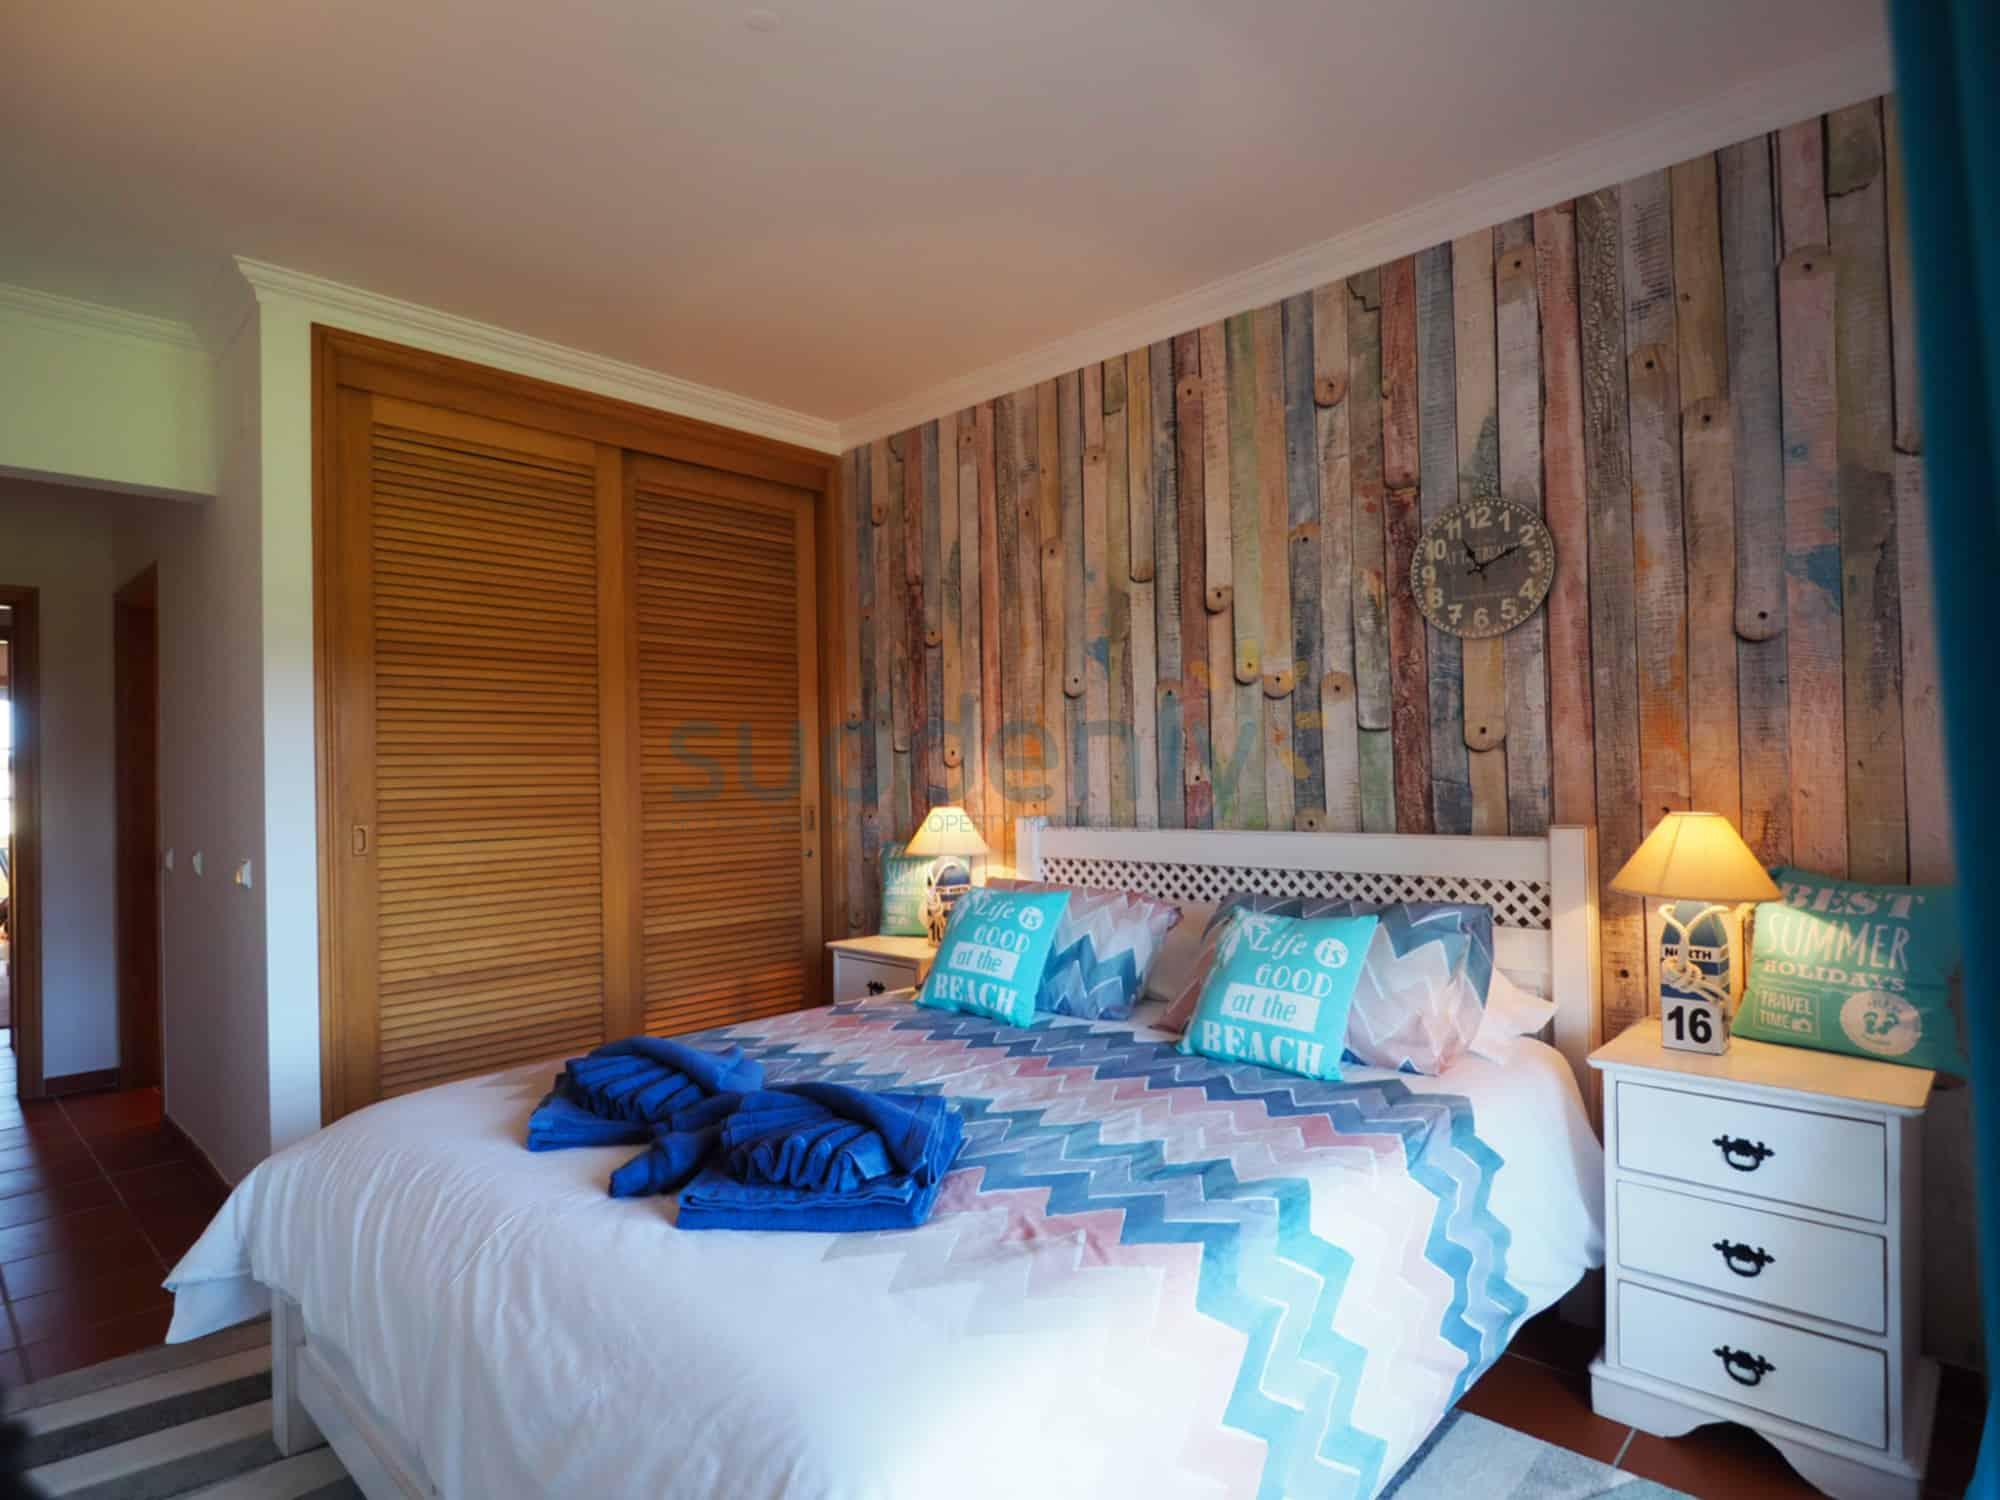 Holiday Rentals in Praia D'El Rey 116